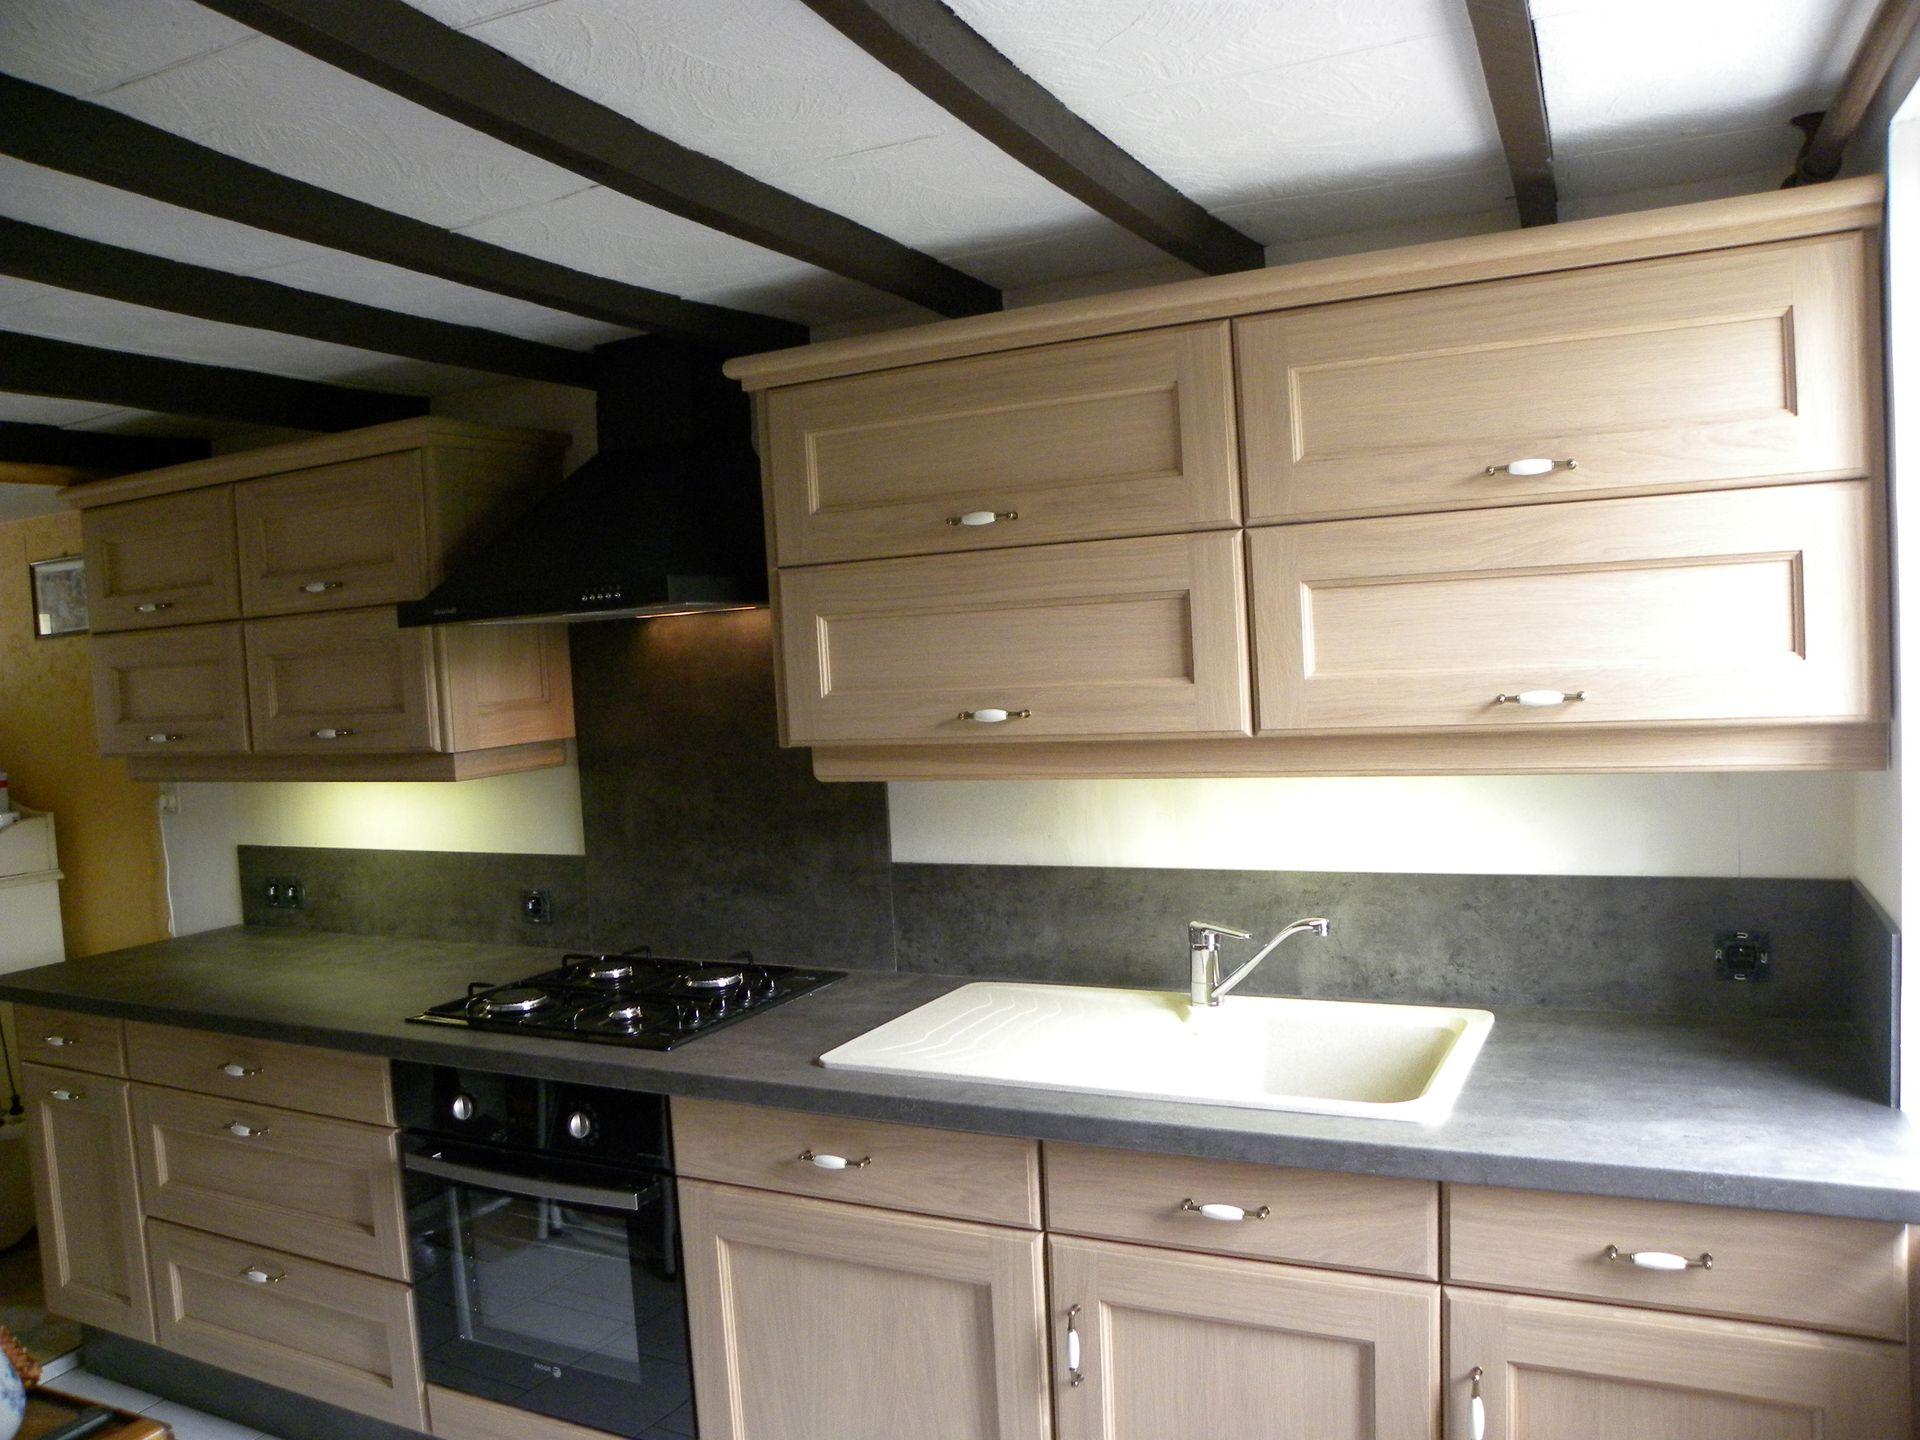 cuisine en chne excellent relooking cuisine chene dintrieur idees accueil elegant comment. Black Bedroom Furniture Sets. Home Design Ideas